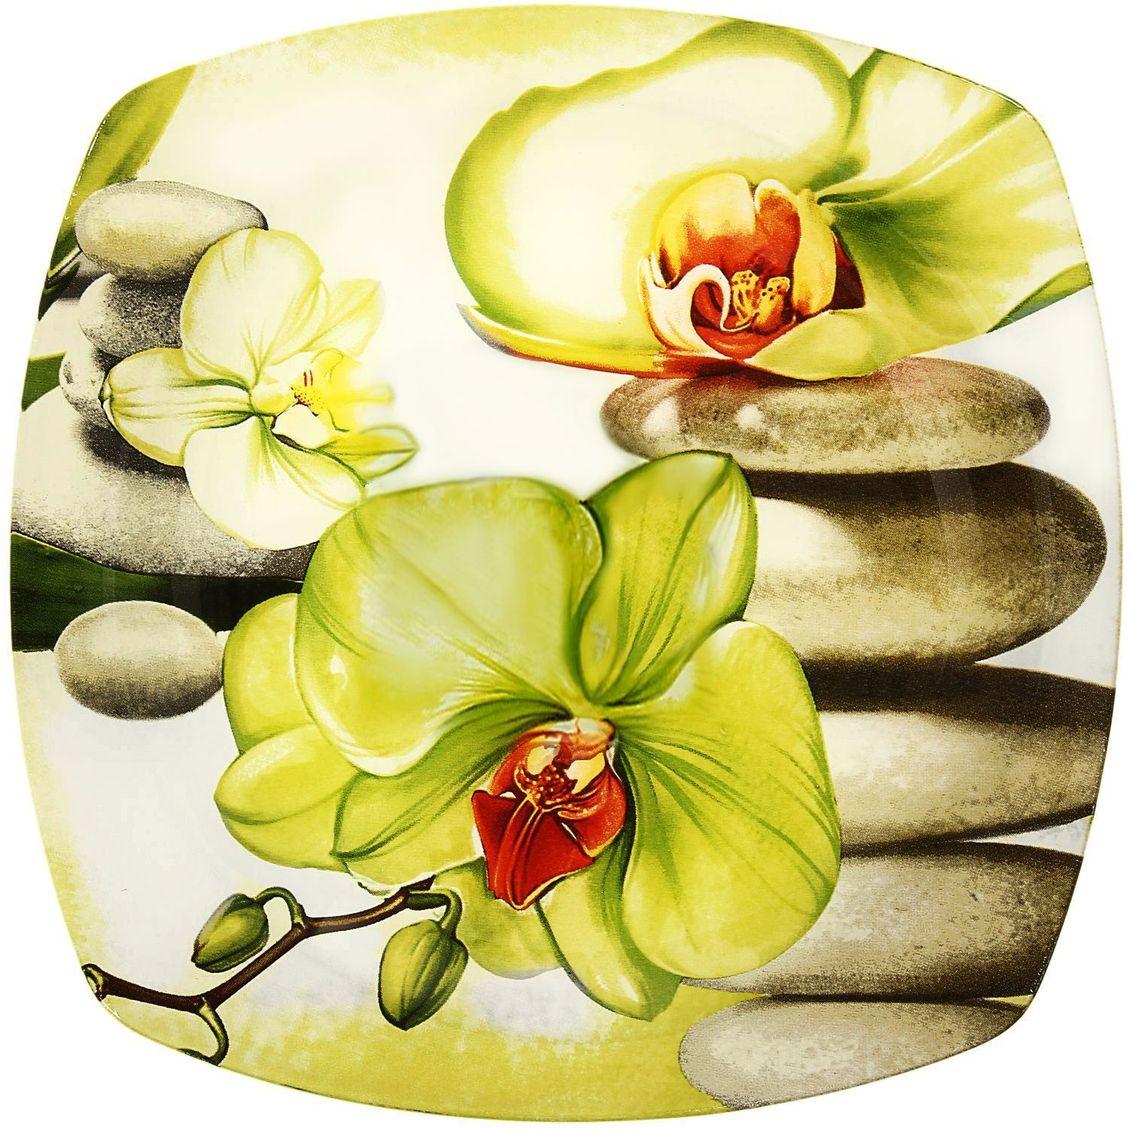 Тарелка десертная Доляна Зеленая орхидея, диаметр 20 см54 009312Тарелка Доляна с природными мотивами в оформлении разнообразит интерьер кухни и сделает застолье самобытным и запоминающимся. Качественное стекло не впитывает запахов, гладкая поверхность обеспечивает легкость мытья.Рекомендуется избегать использования абразивных моющих средств.Делайте любимый дом уютнее!